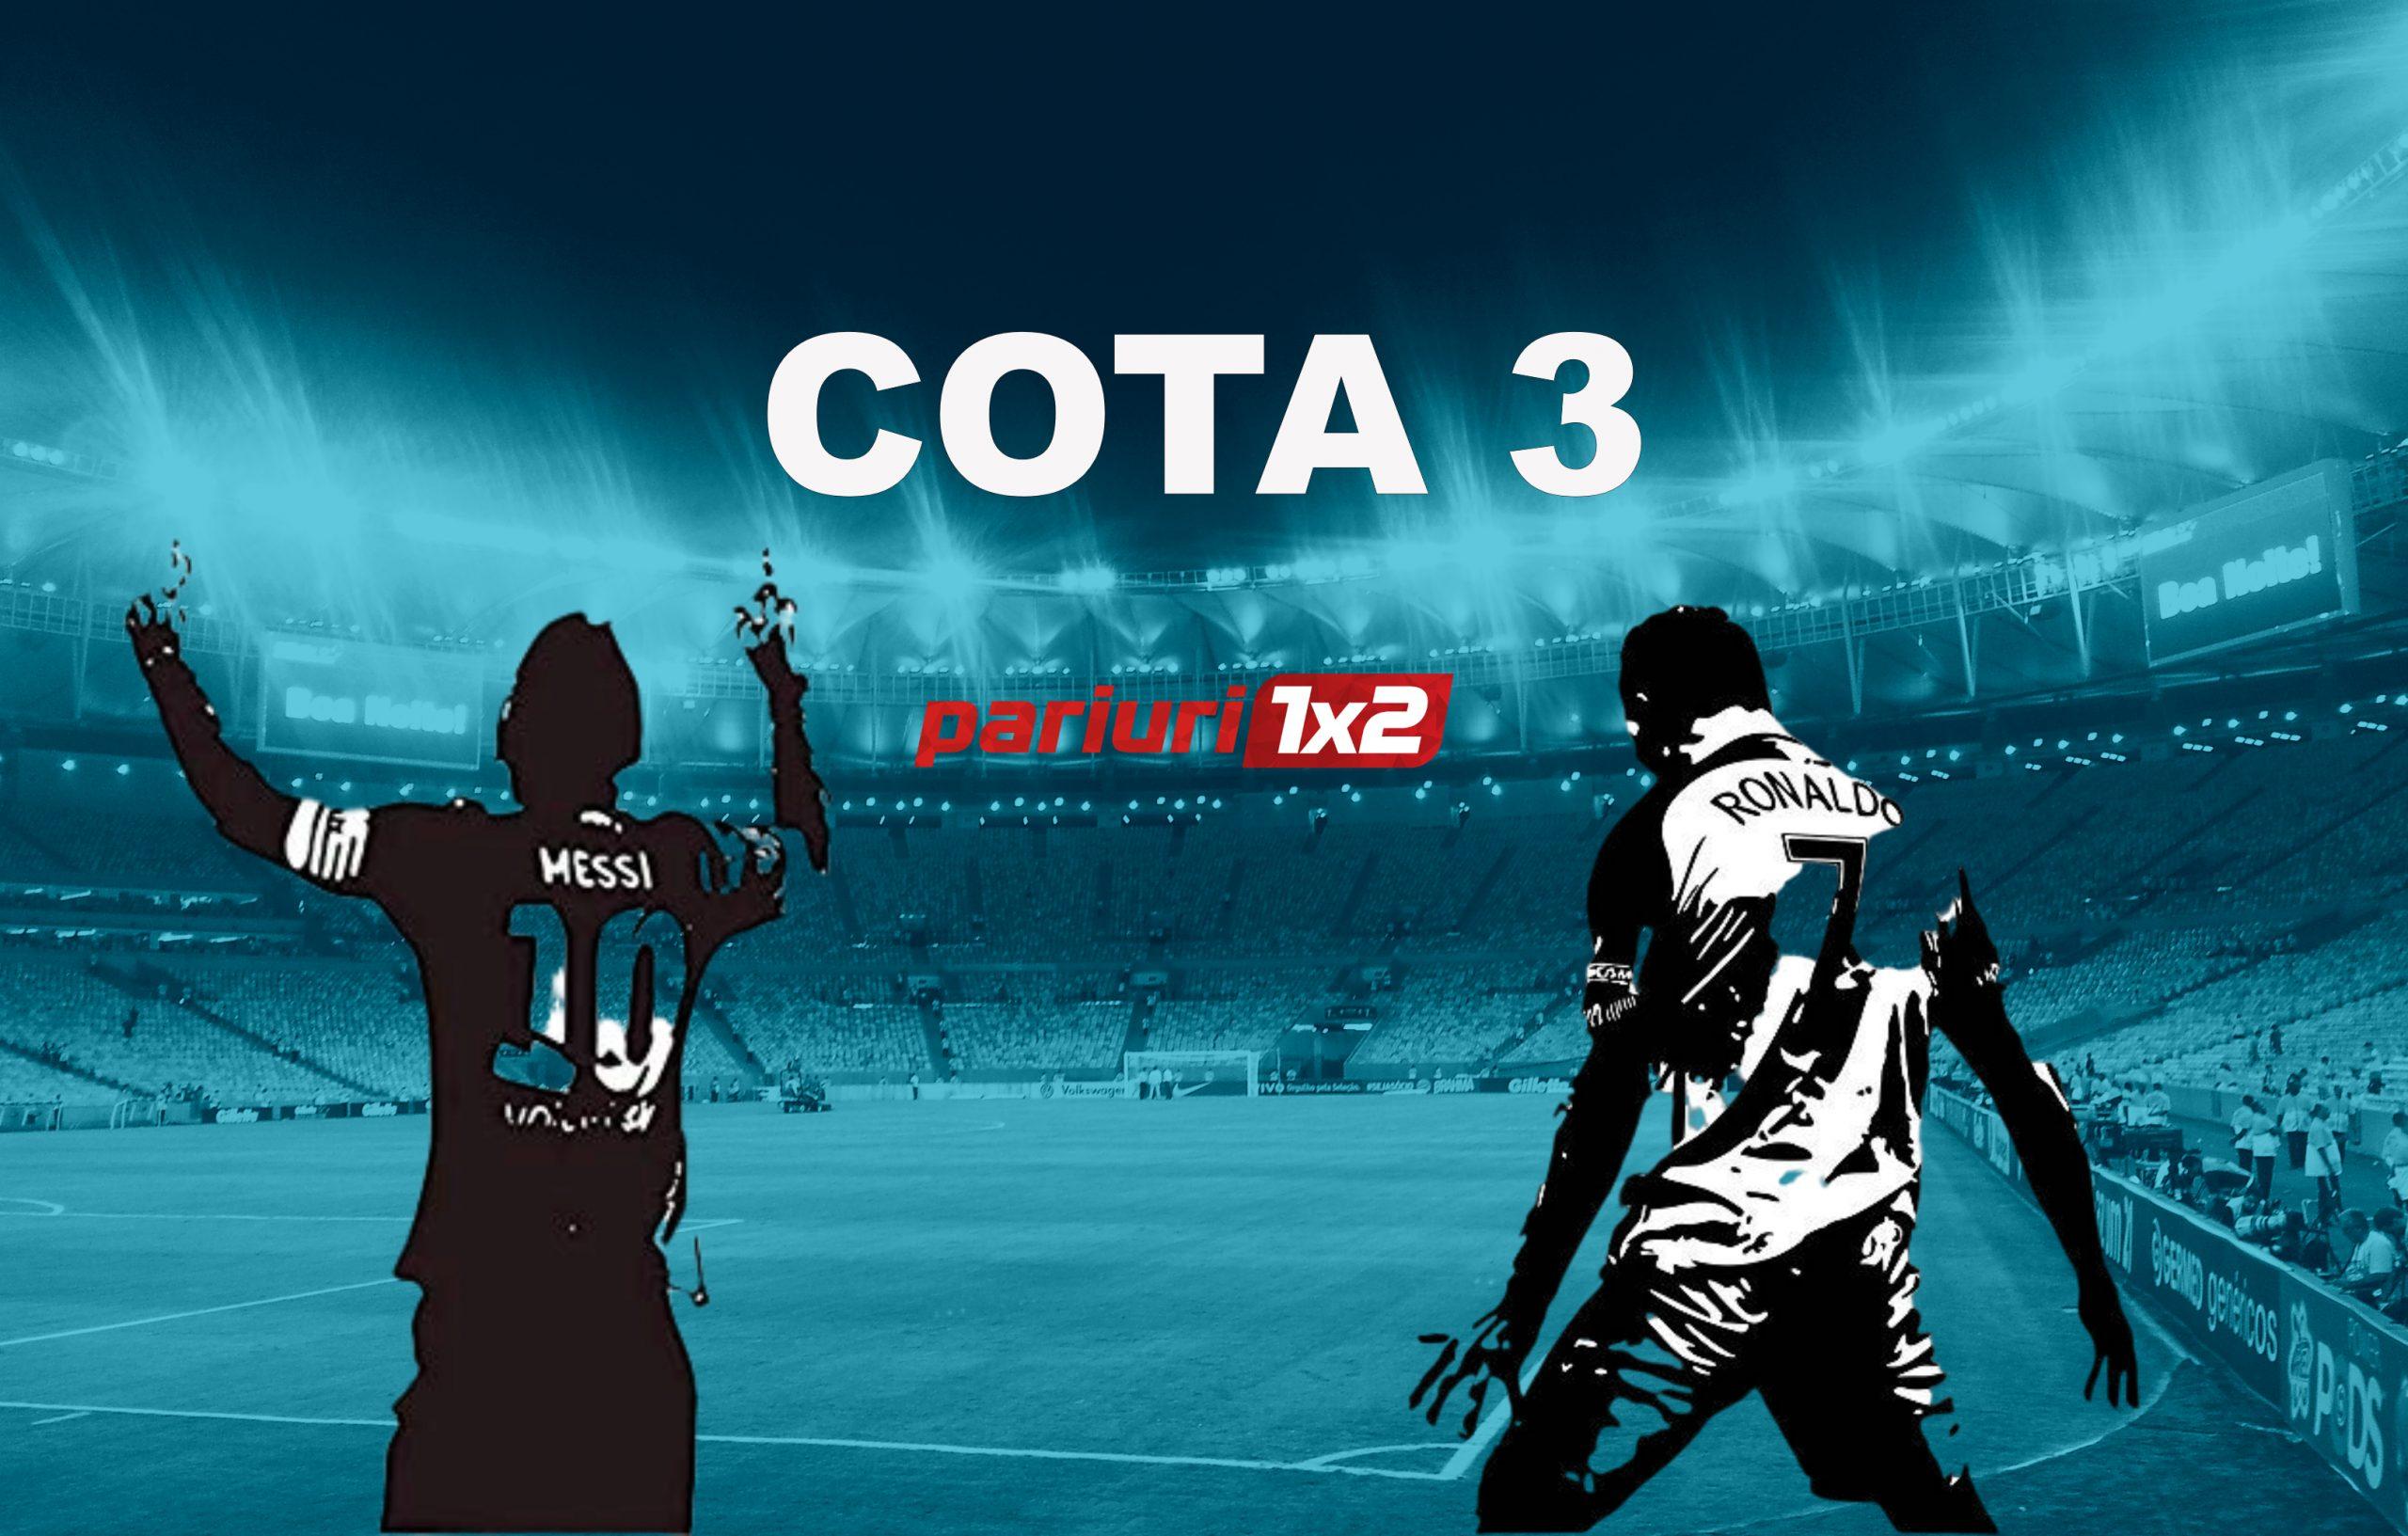 Cota 3, 29 aprilie: Lucian pariază pe fotbal și counter strike!